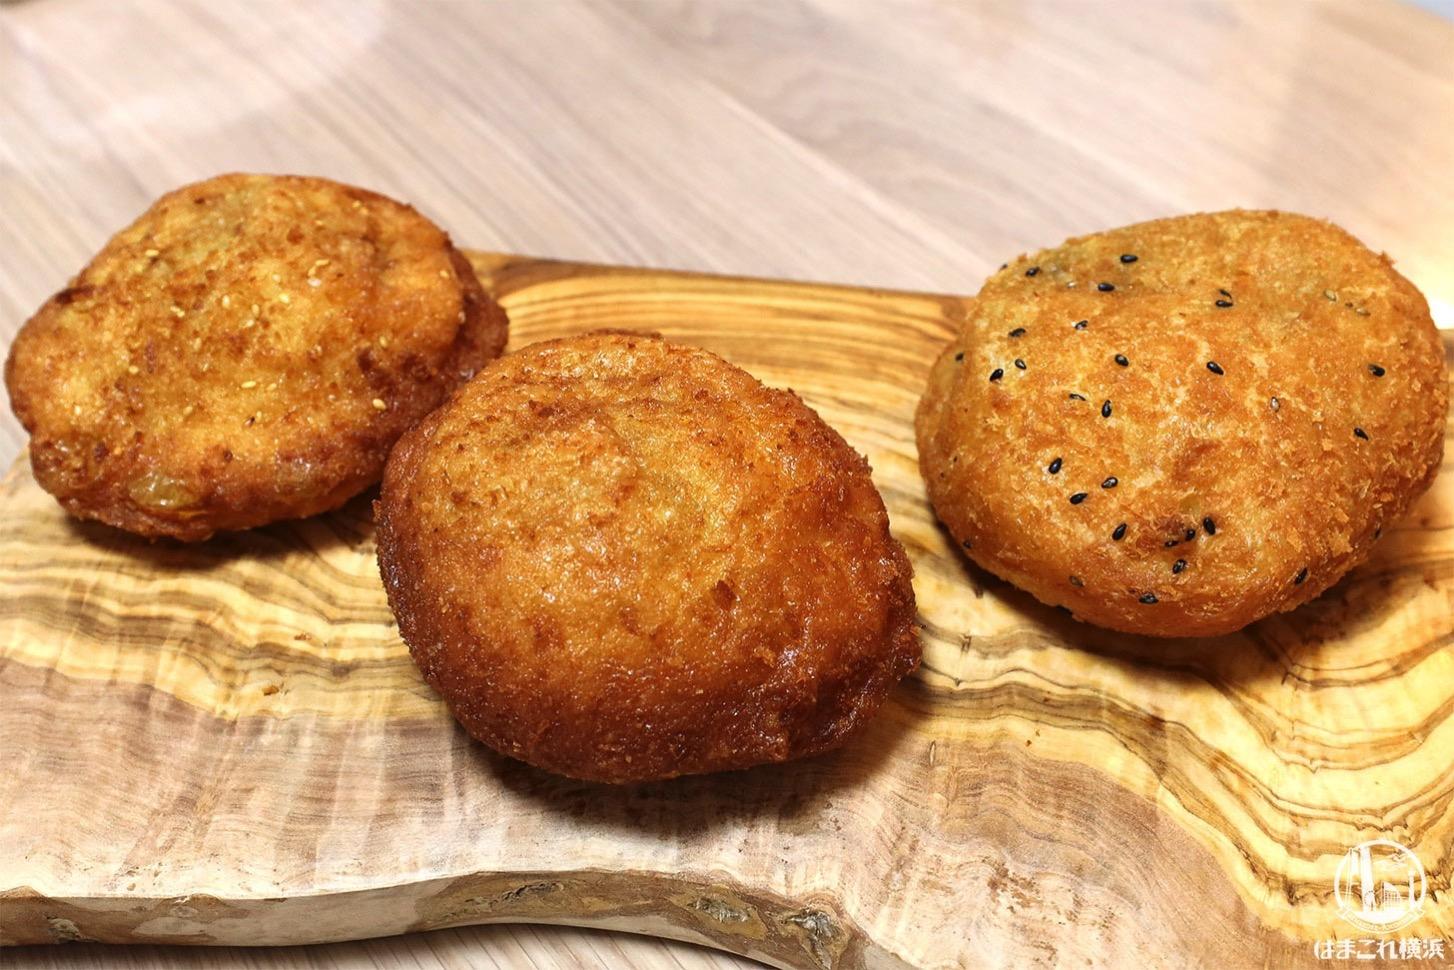 プルマンベーカリー カレーパン